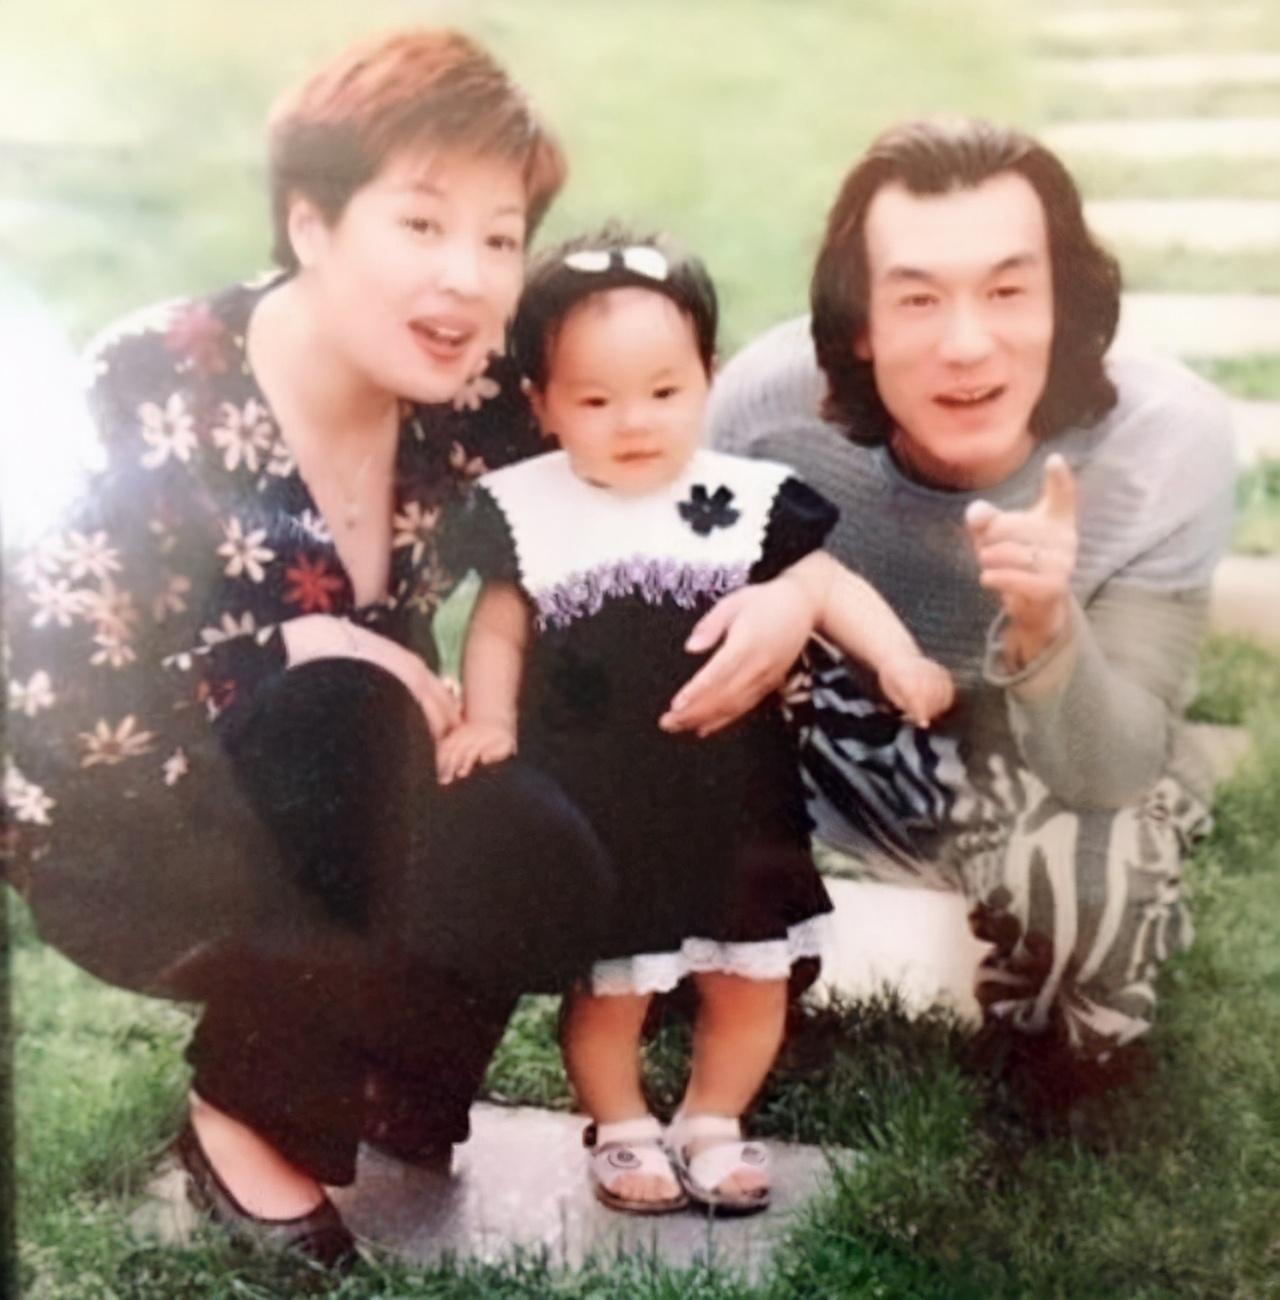 李詠逝世兩周年, 哈文重陽節十五字悼念, 憶19歲那年初相識-圖12